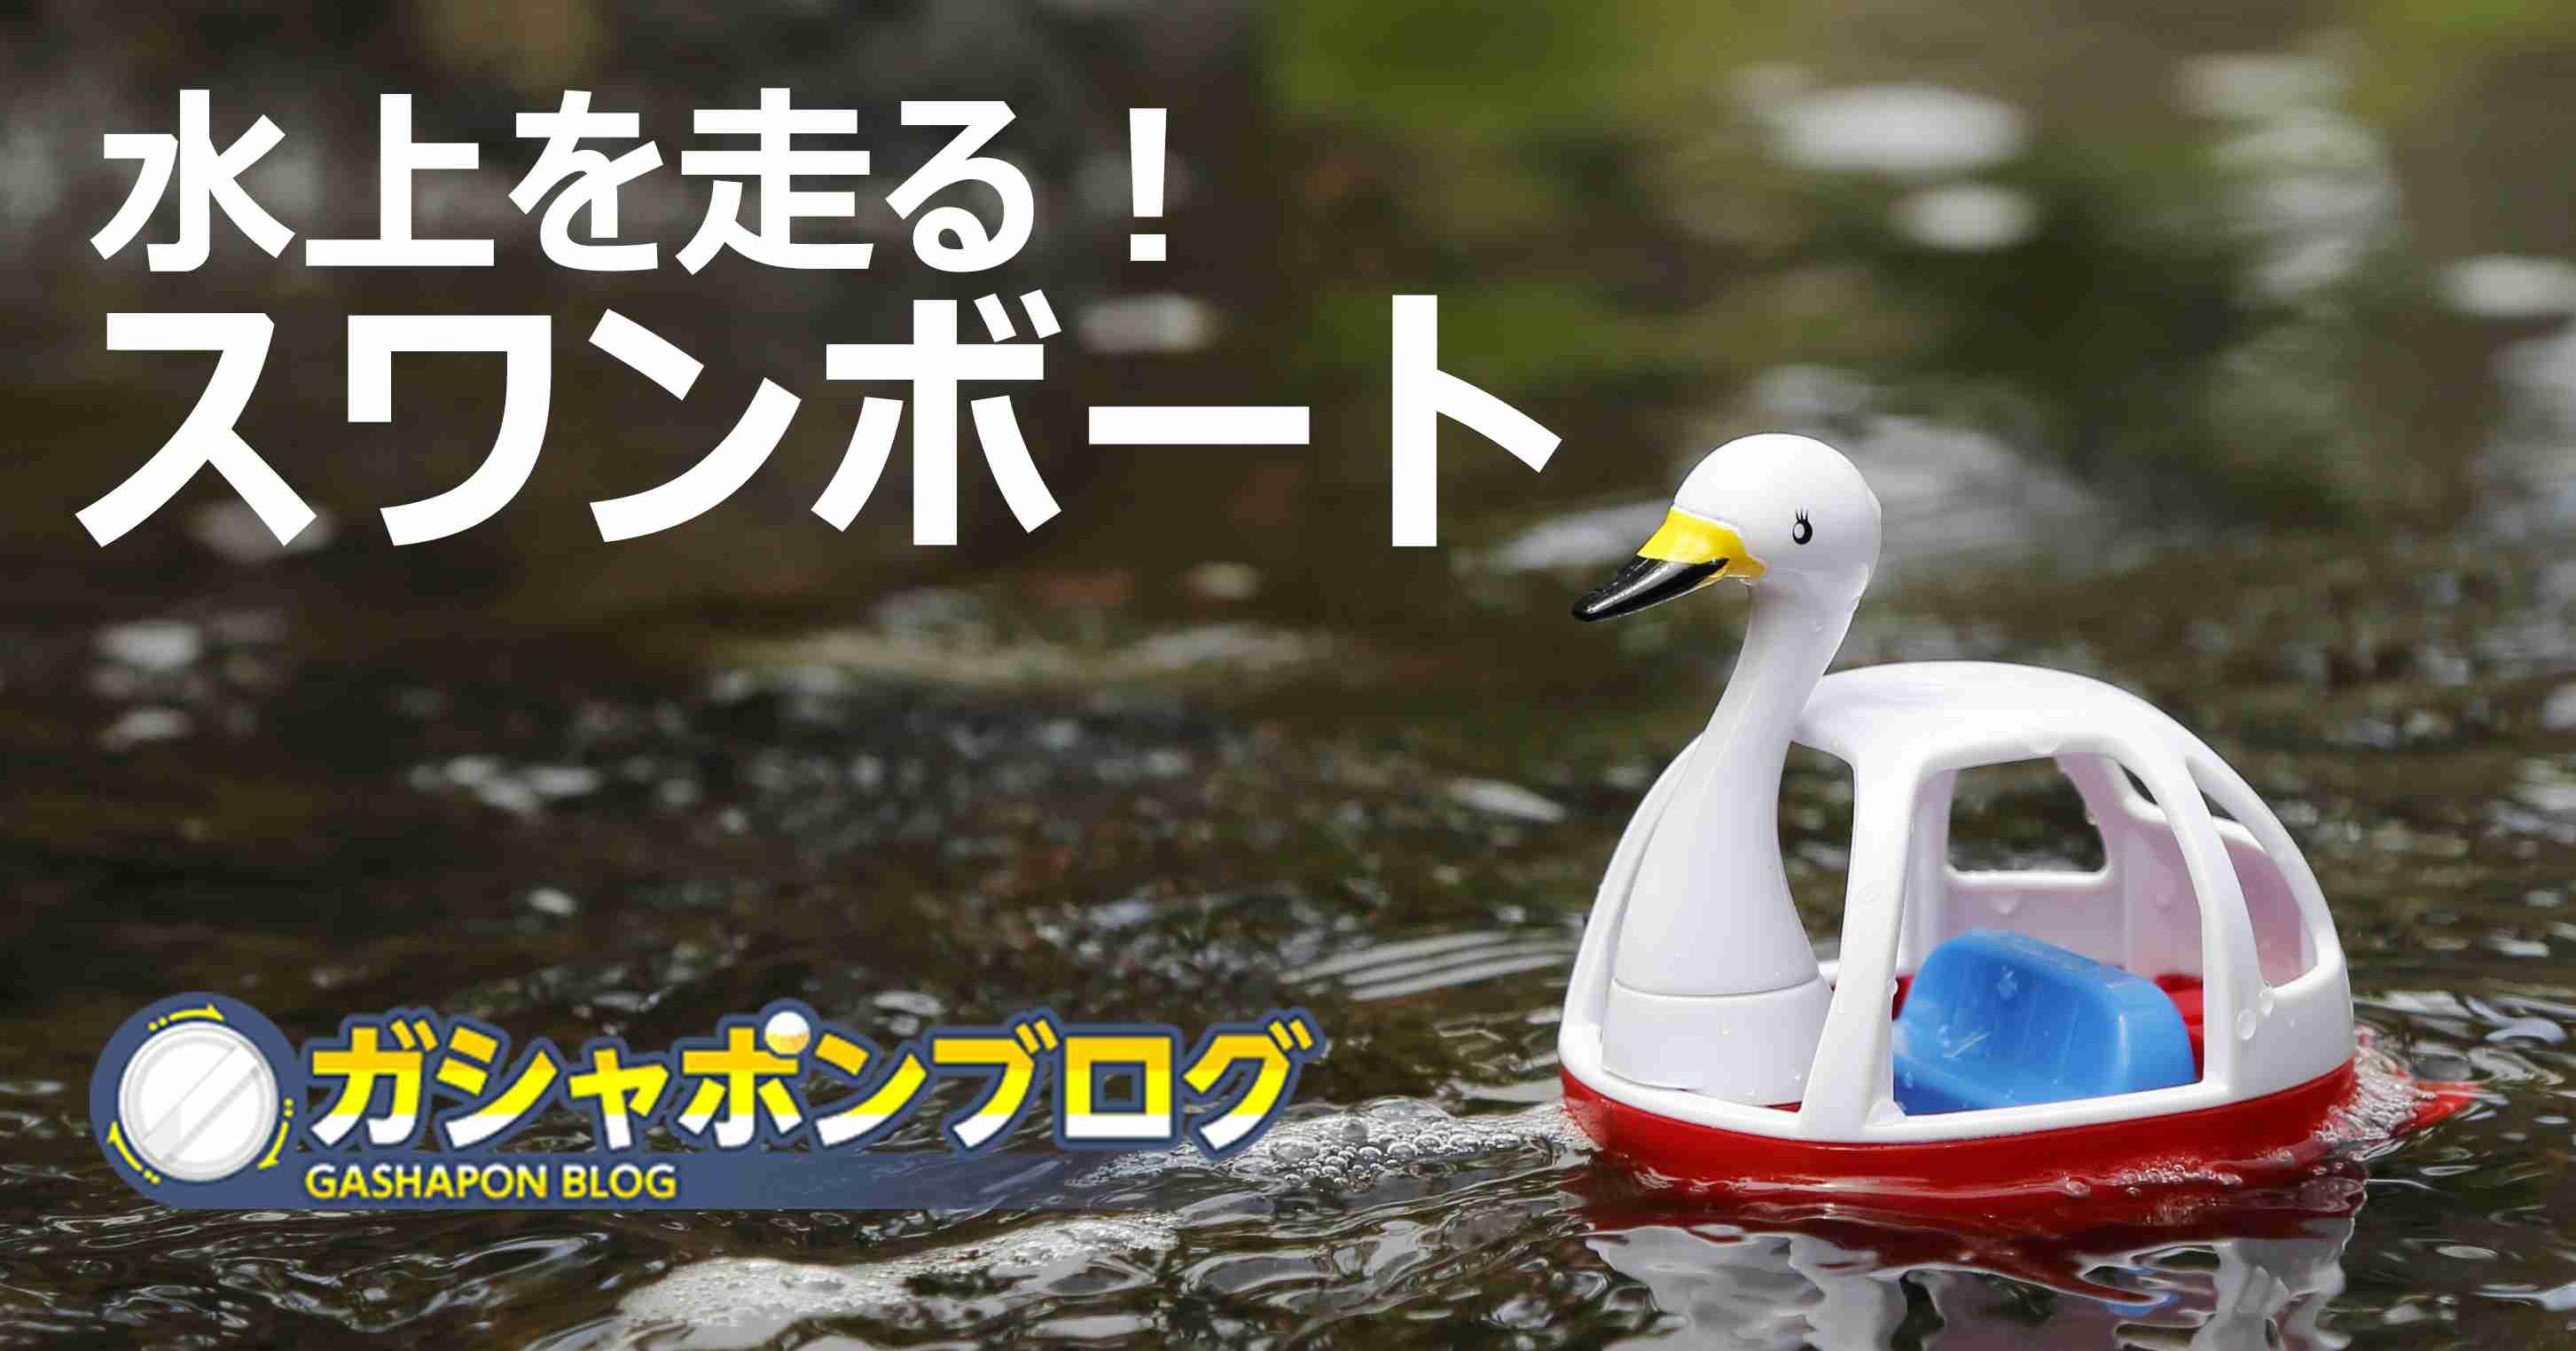 水の上を走る!スワンボートがガシャポンに登場! 動画も公開中!